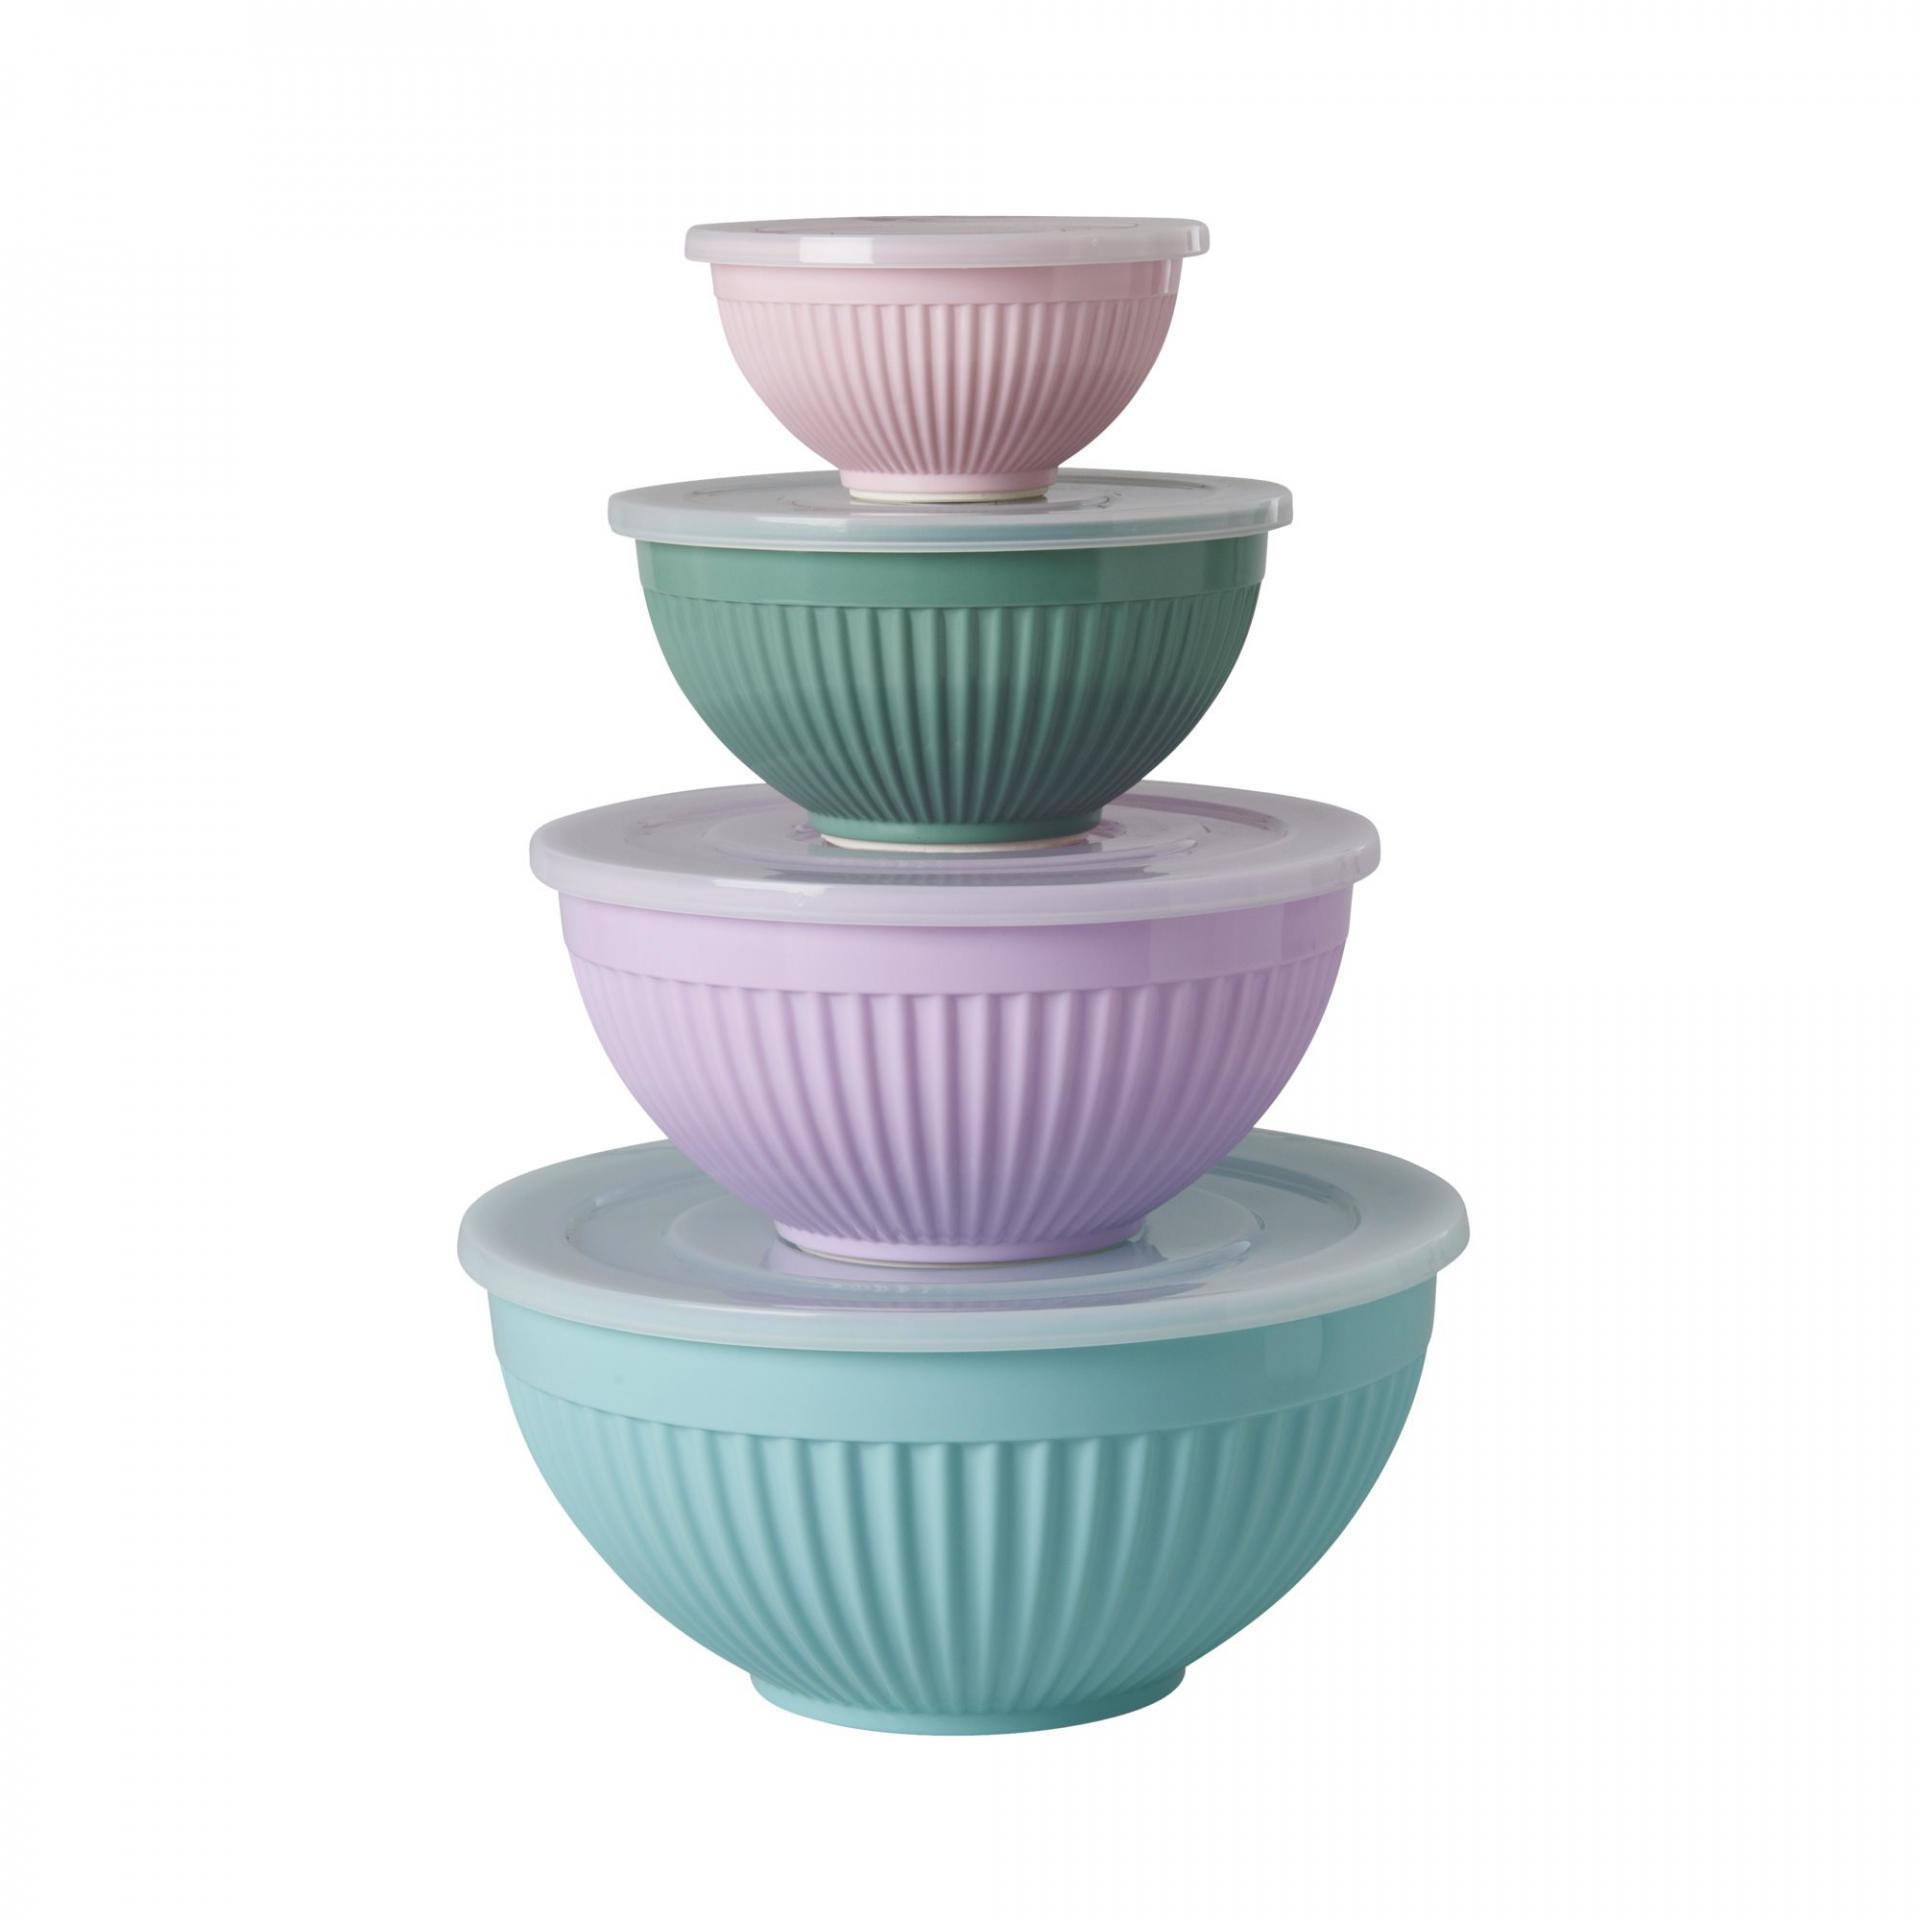 rice Melaminová miska s víčkem Extraordinary Růžová, růžová barva, fialová barva, zelená barva, melamin